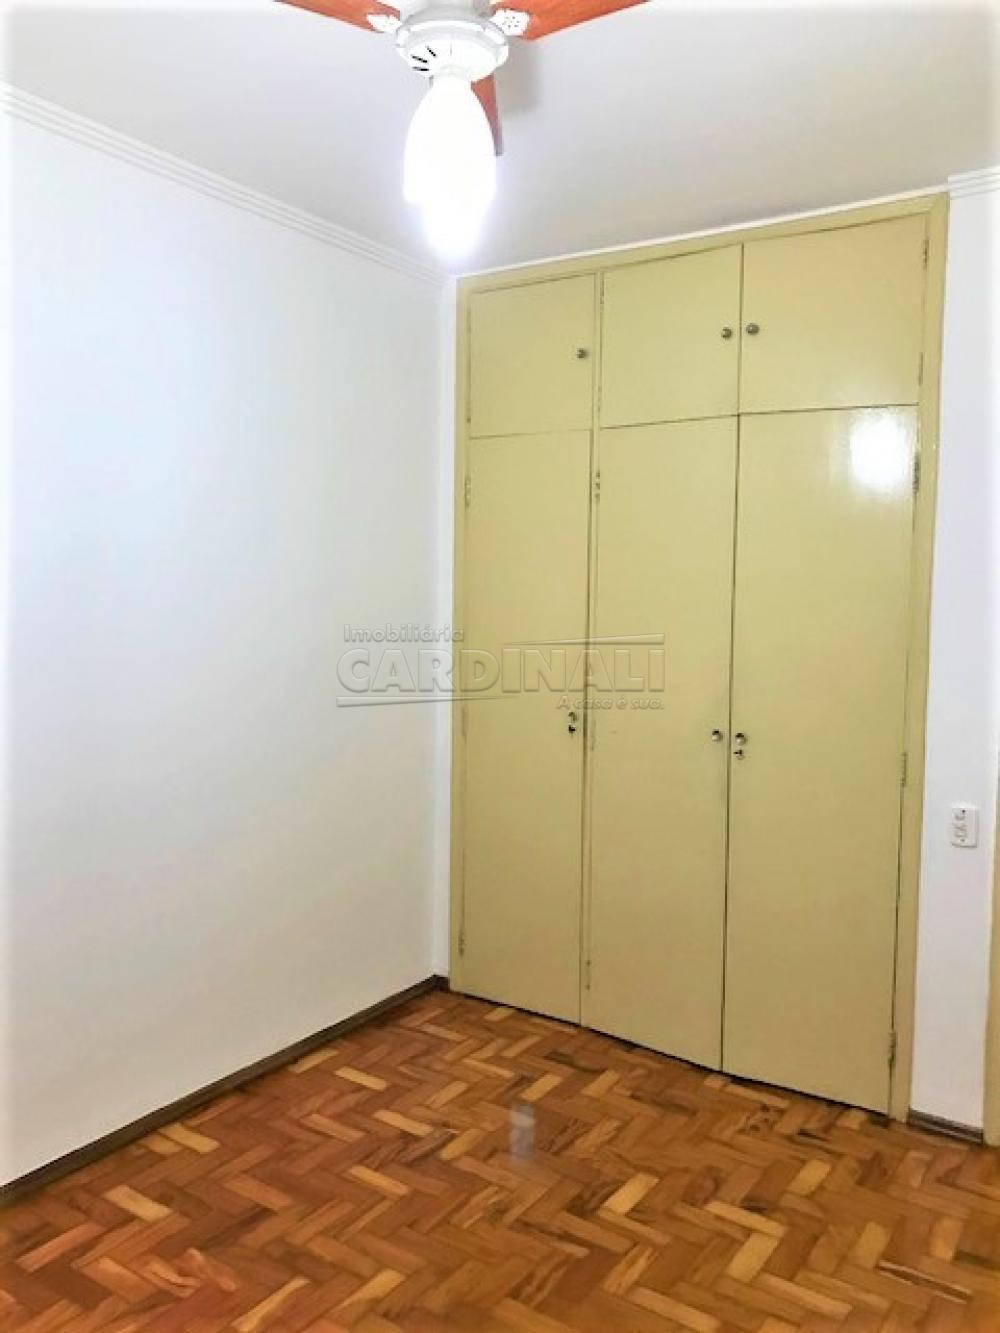 Comprar Apartamento / Padrão em São Carlos R$ 370.000,00 - Foto 30